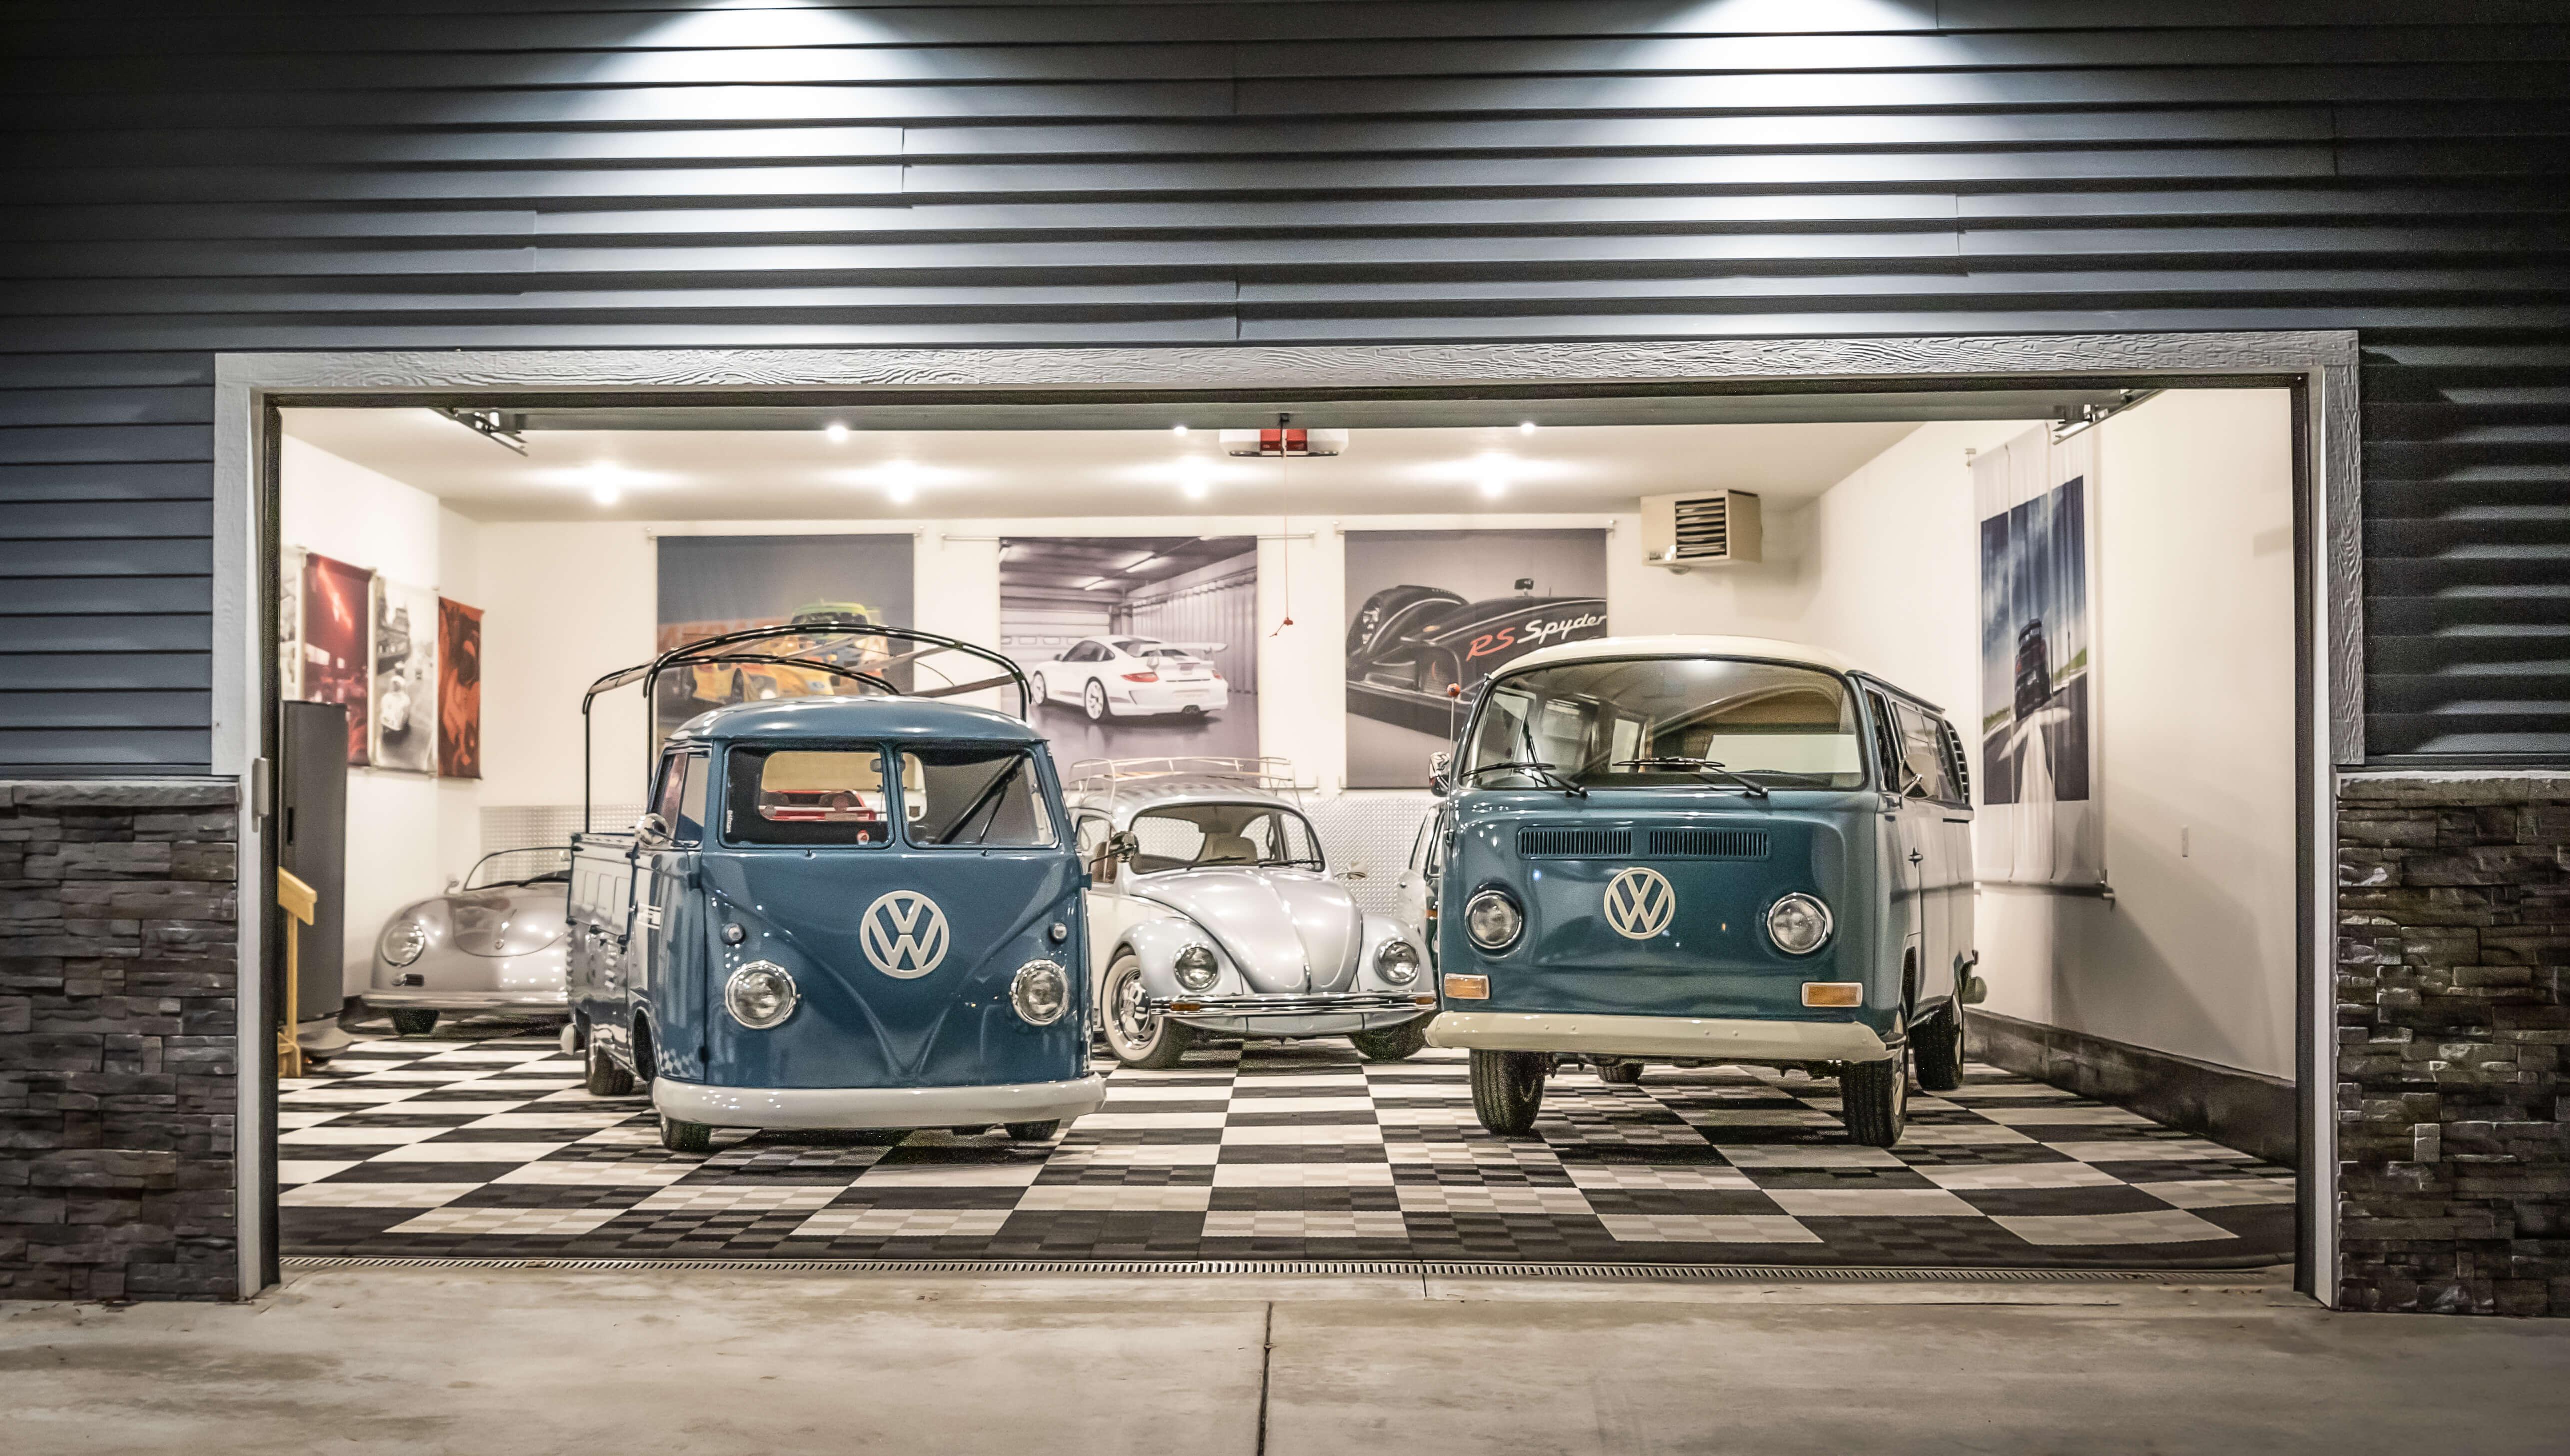 Garage floor ideas: Aaron Reitman's garage with Volkswagens and car collection